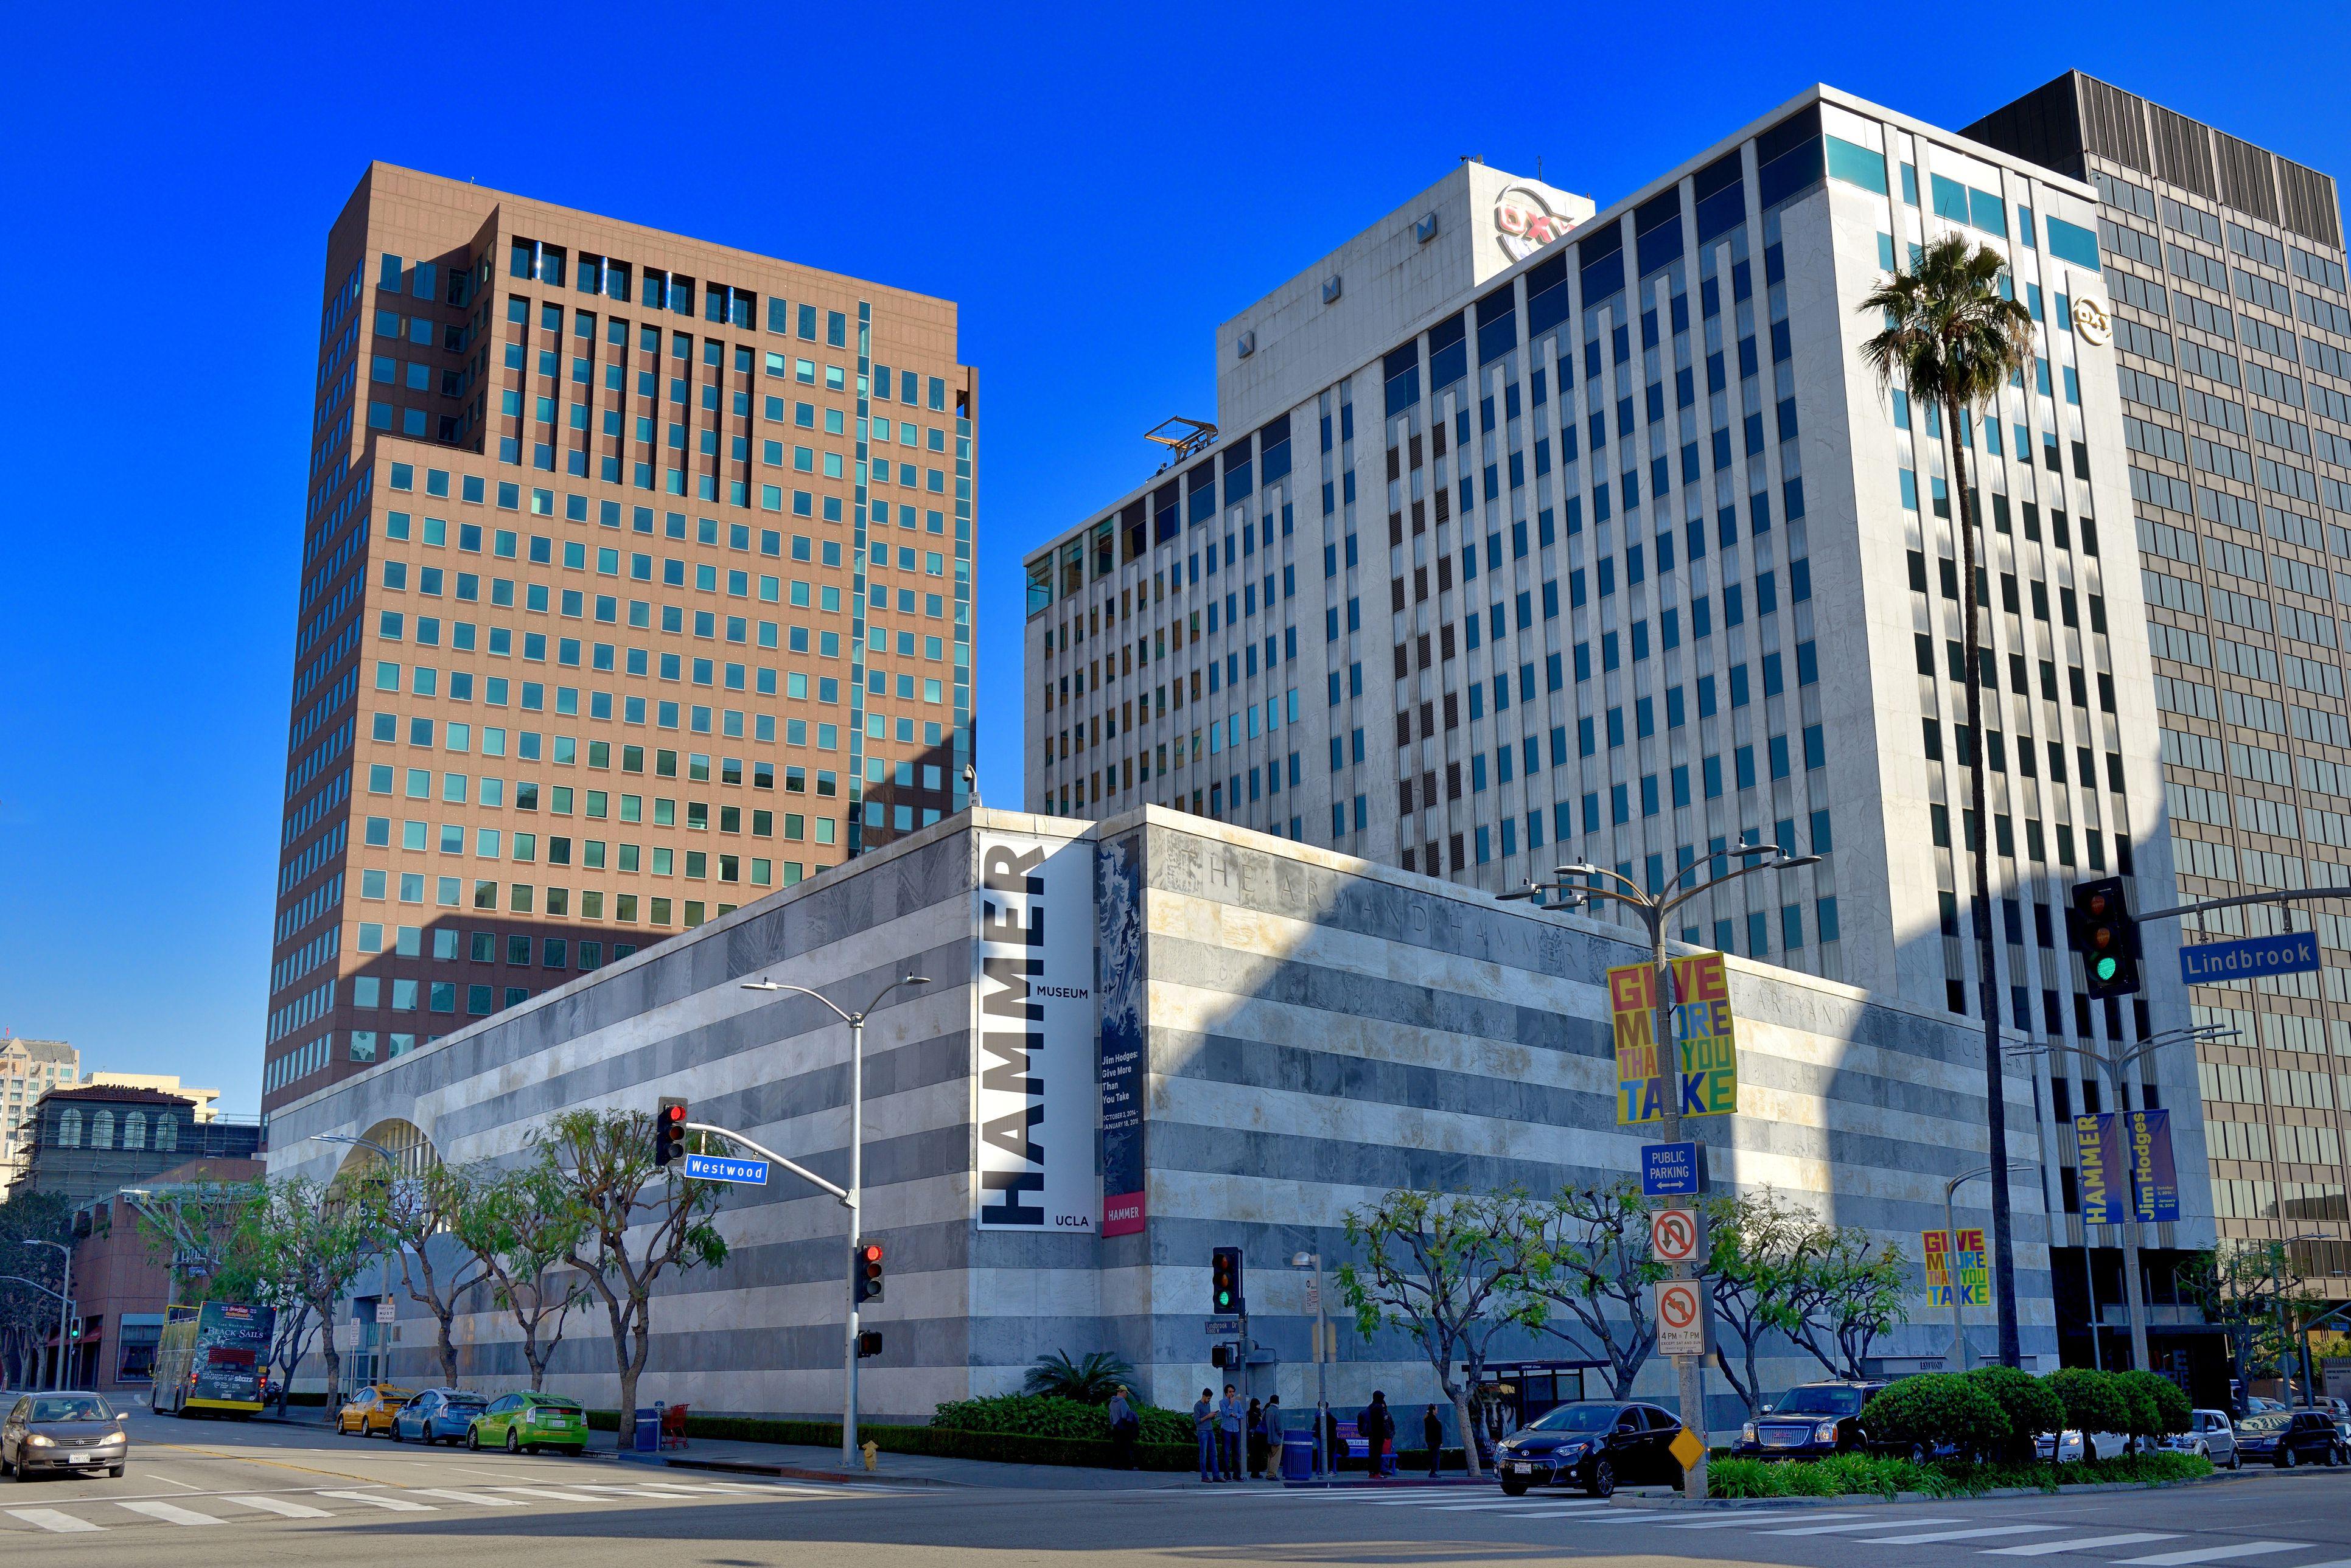 Los Angeles, Westwood, hammer museum